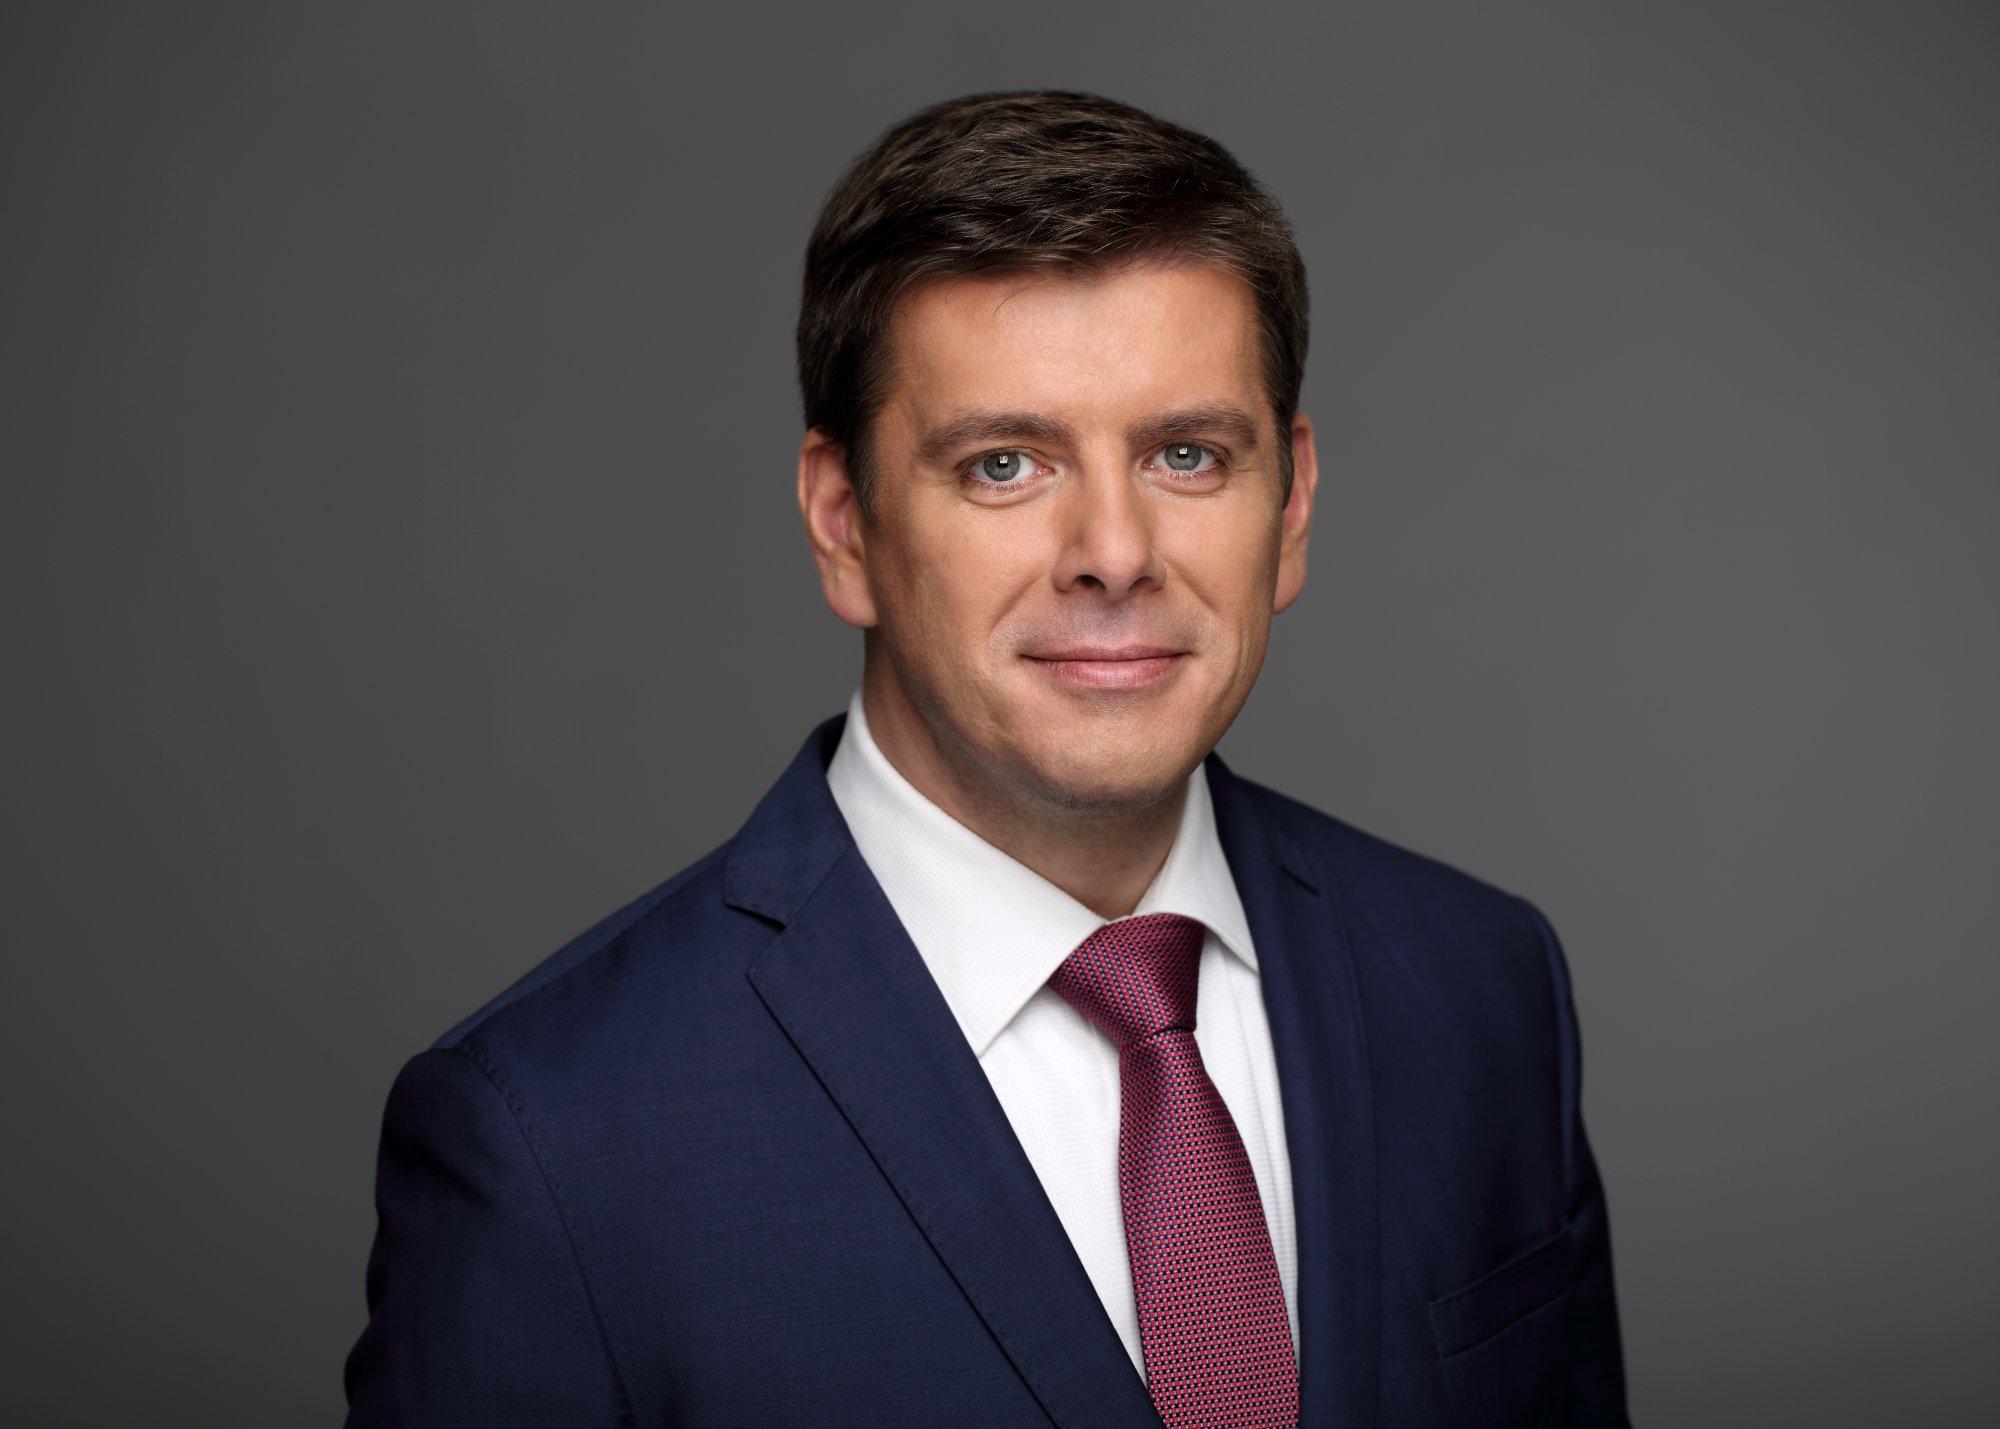 Jan Skopeček: Opětovné zvýšení schodku státního rozpočtu. Stát by měl přehodnotit priority, tuto krizi nemůže financovat budoucí generace